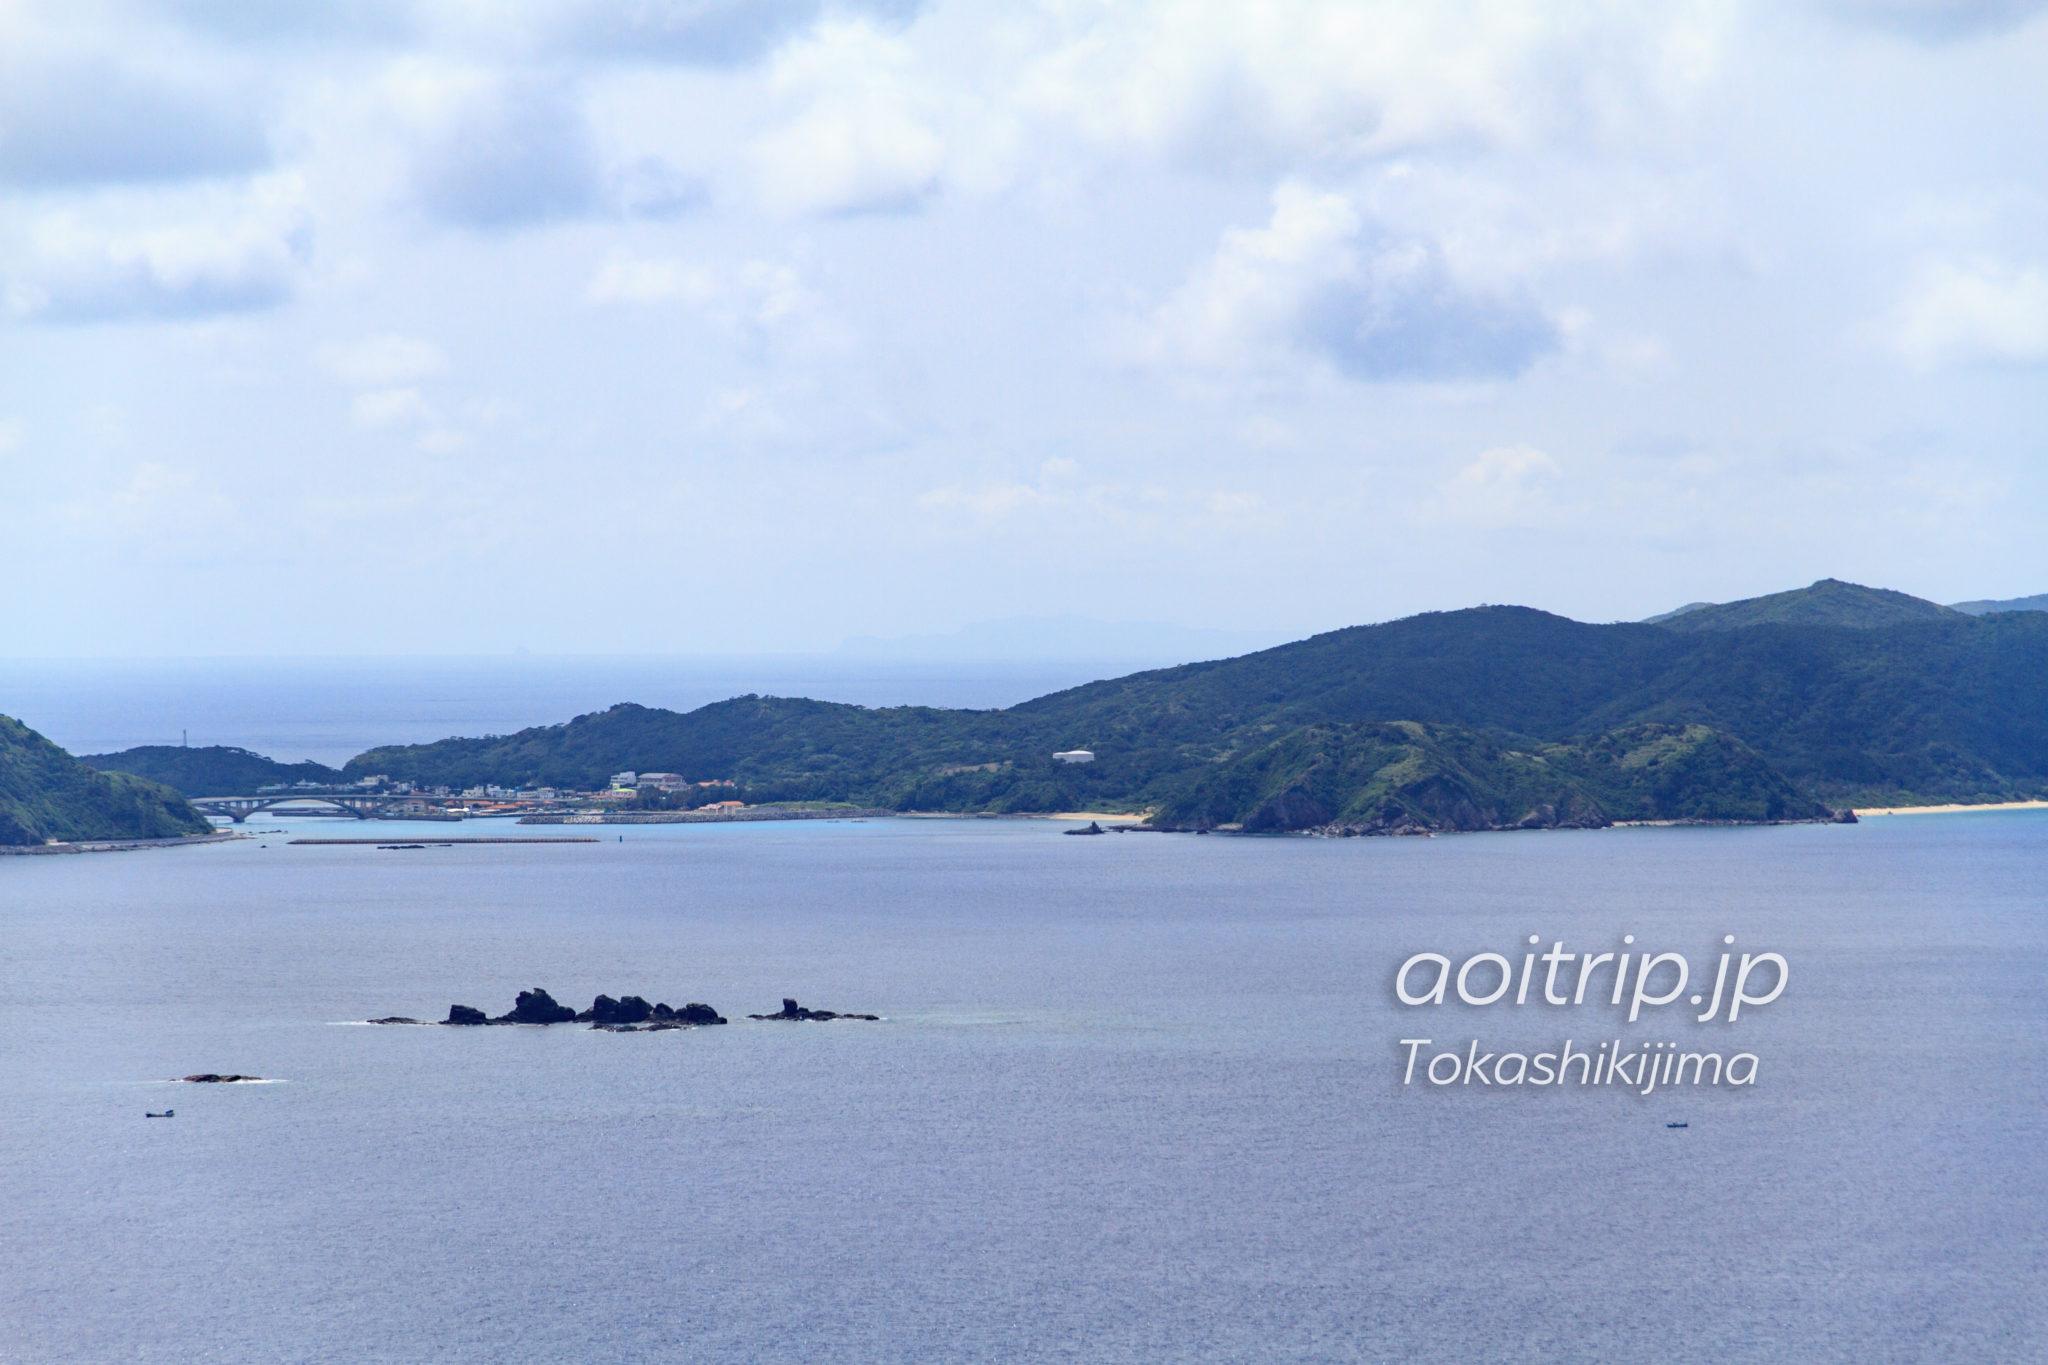 阿嘉島の向こうには久米島(照山展望台の約55km西)